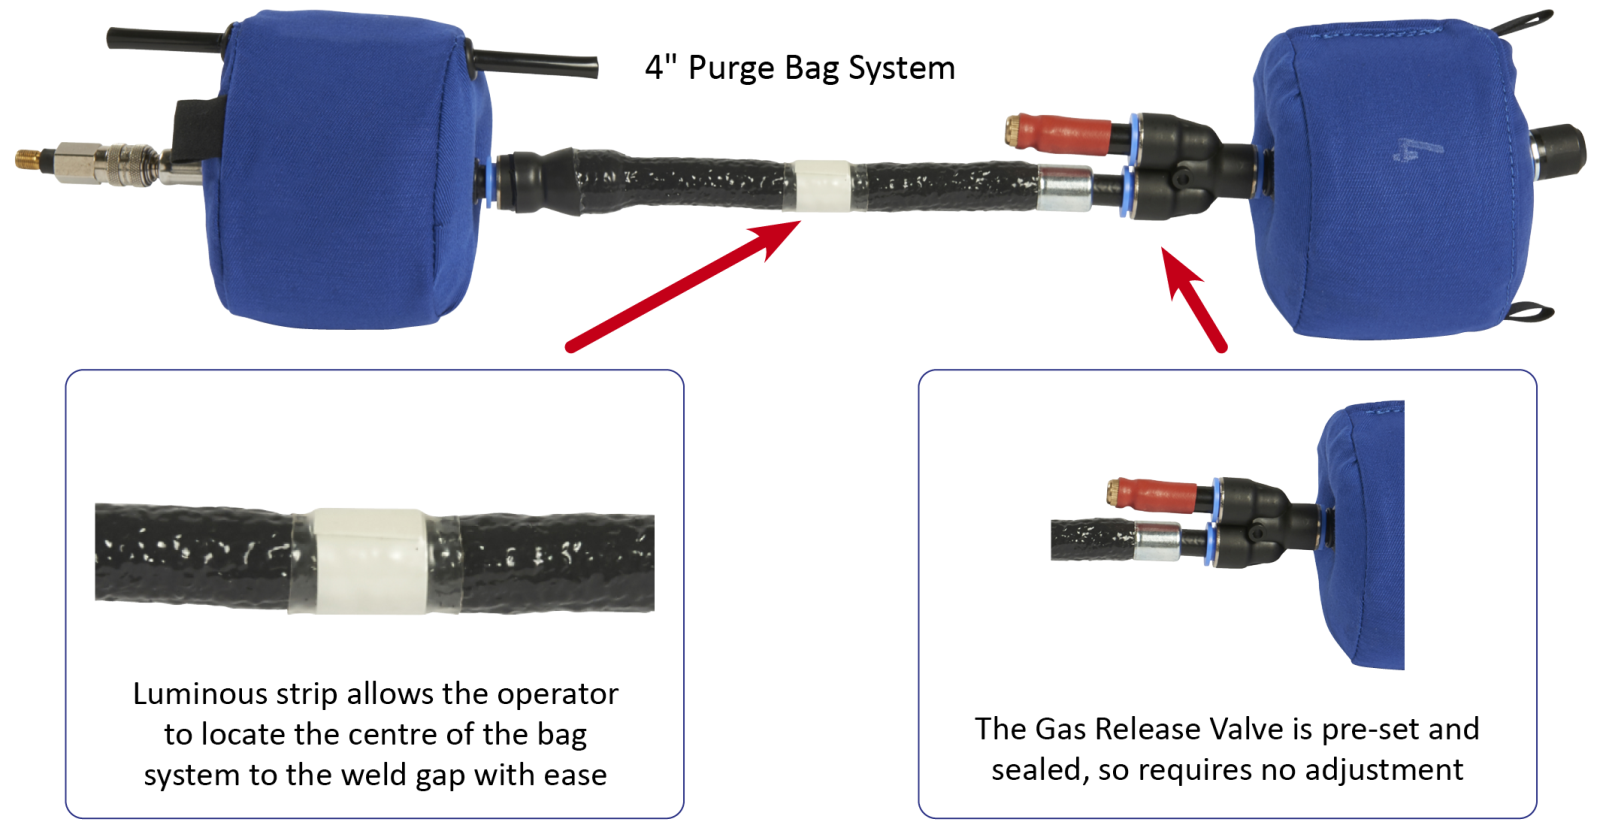 purge-bag-system.png